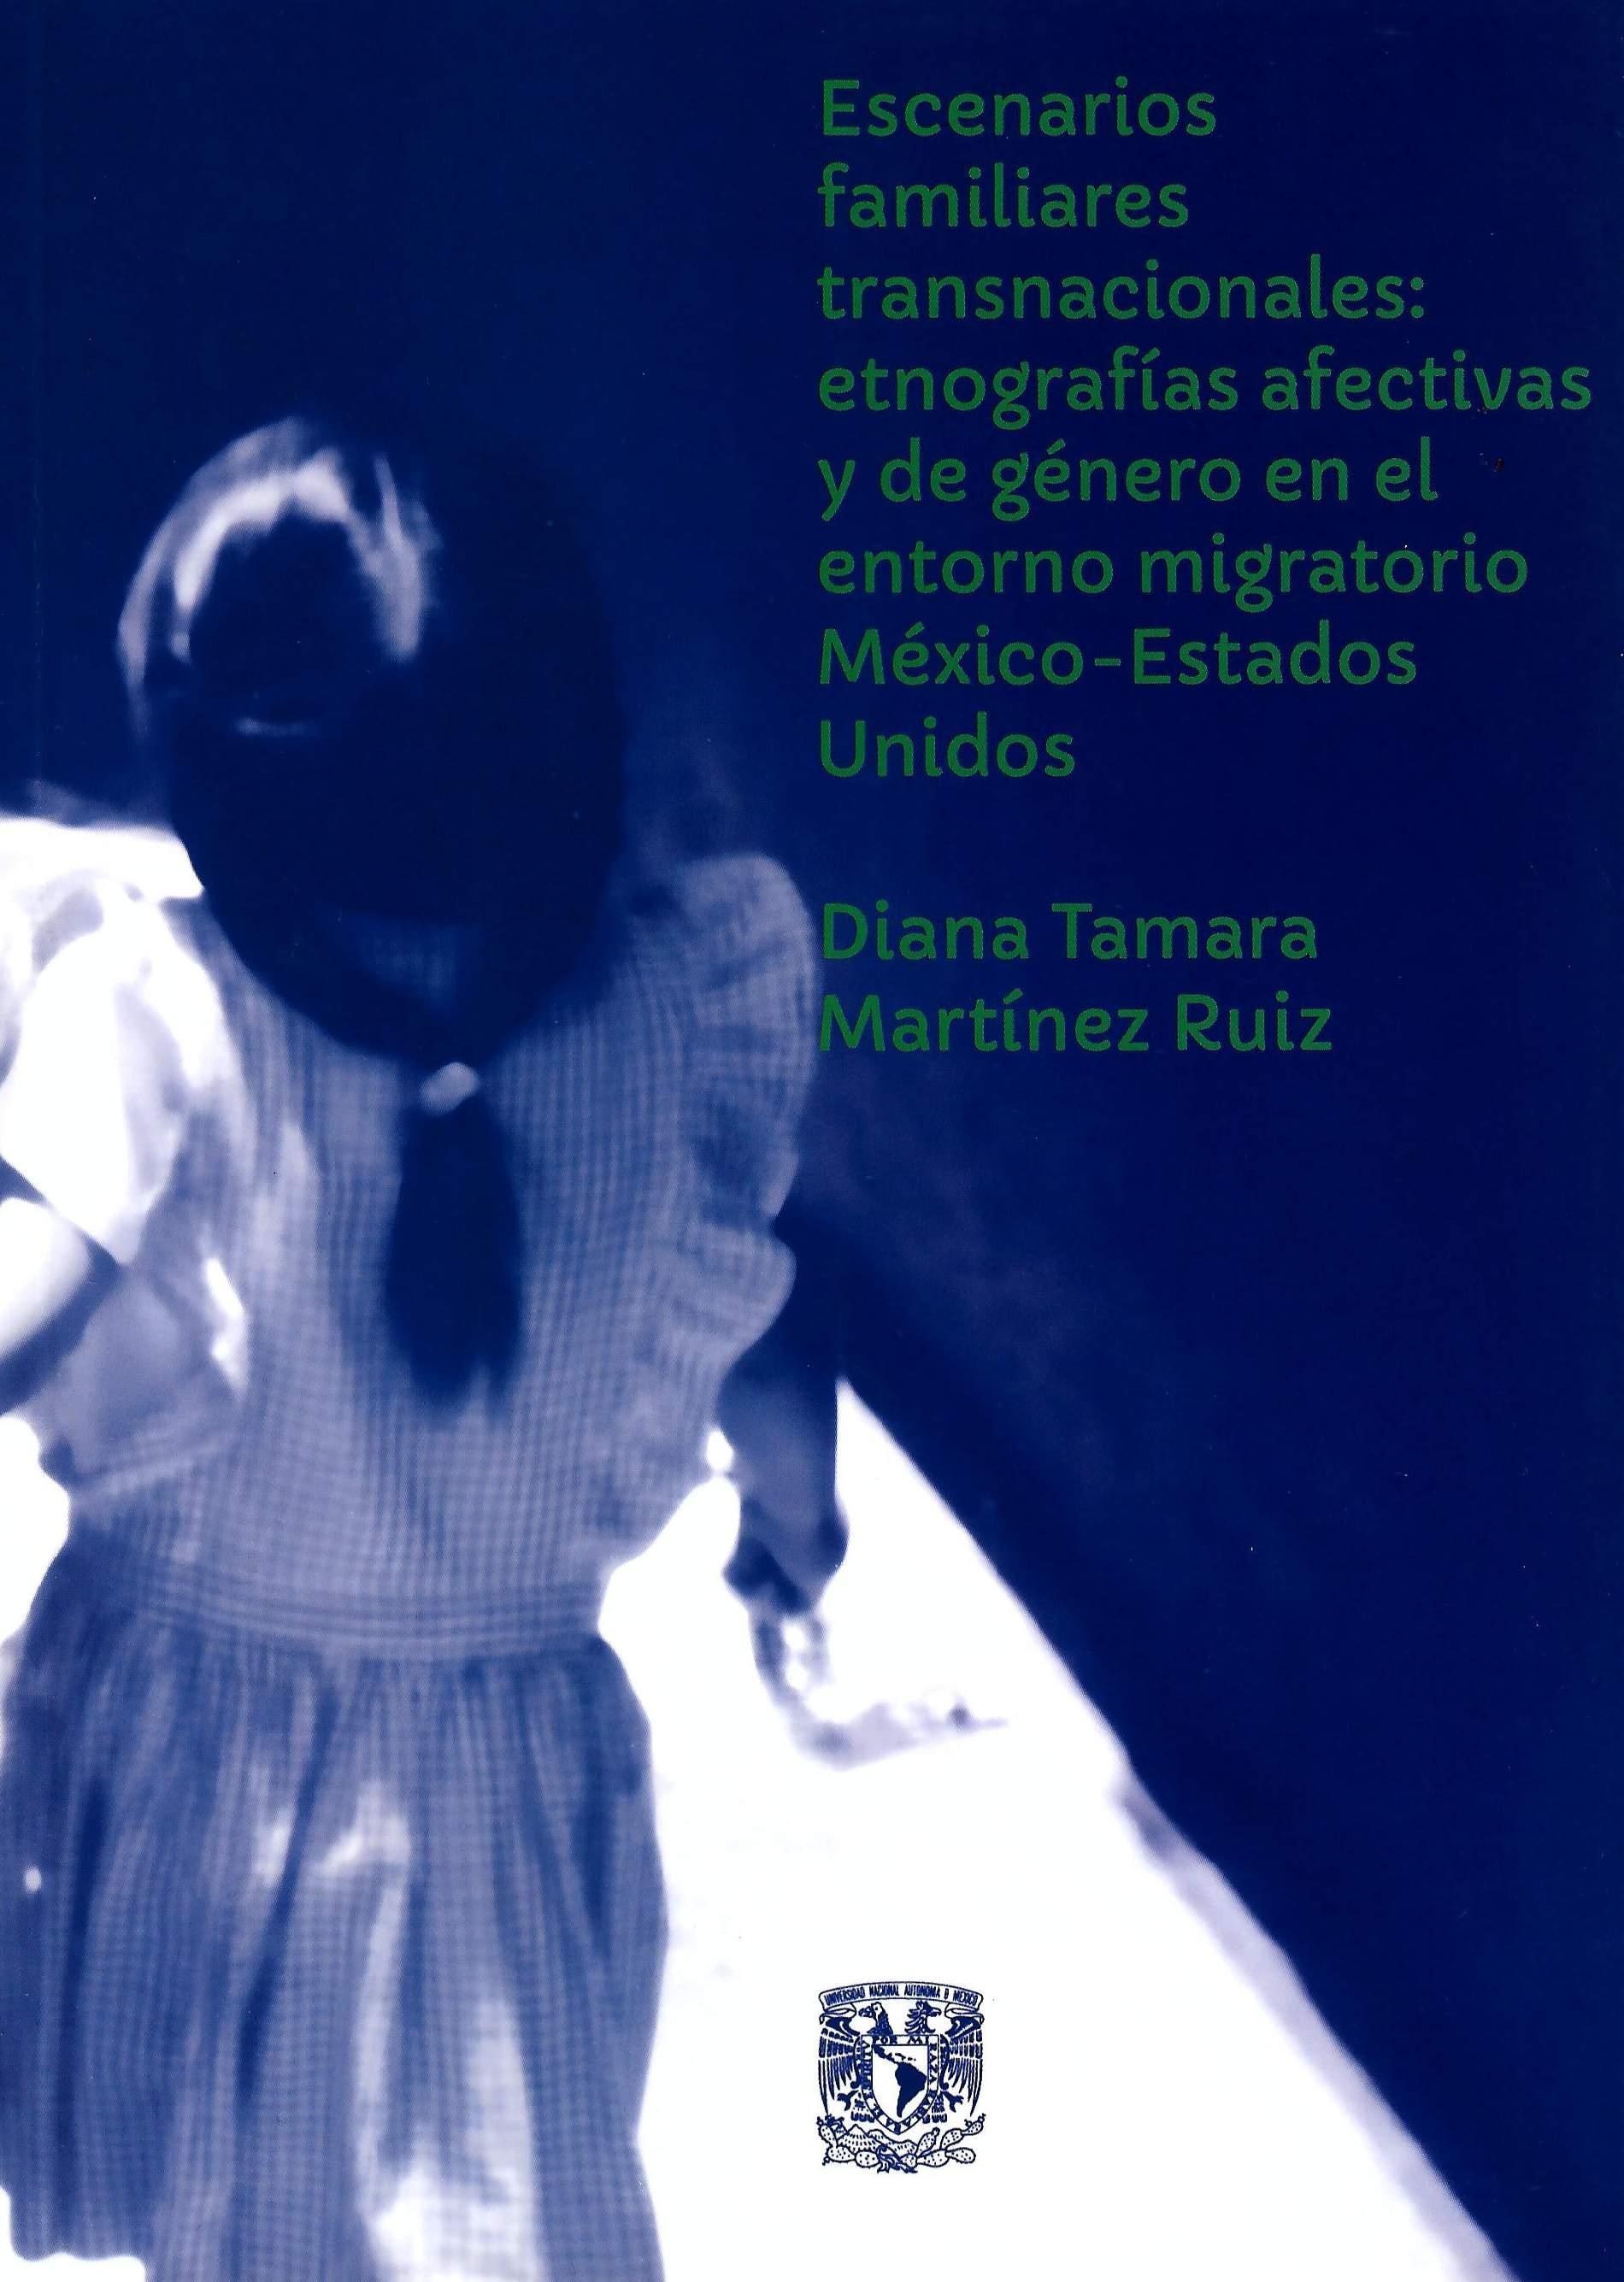 Escenarios familiares transnacionales: etnografías afectivas y de género en el entorno migratorio